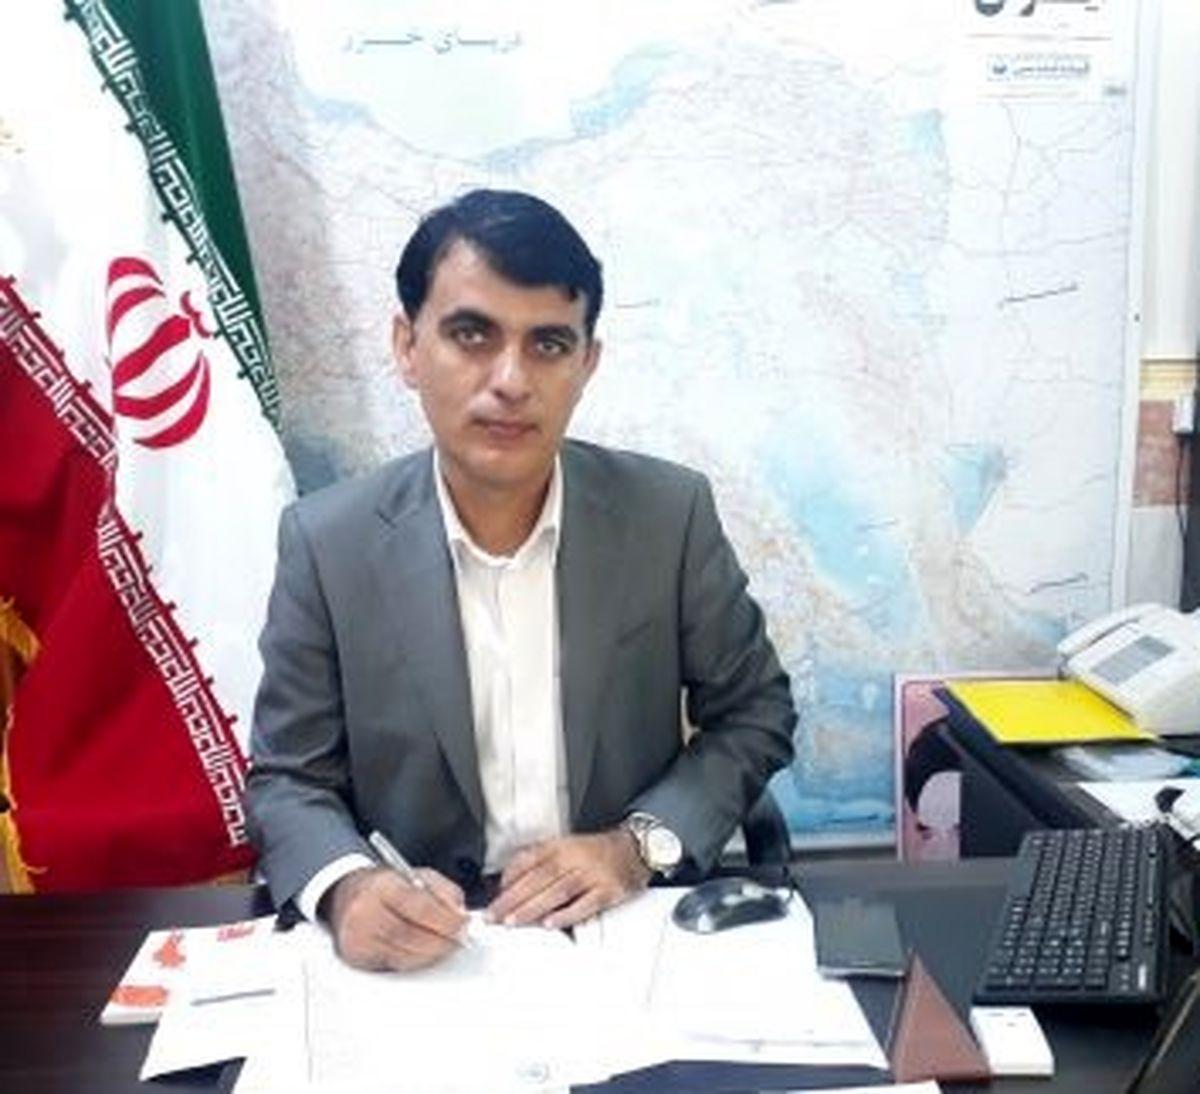 برگزاری آیین تحلیف اعضای ششمین دوره شورای اسلامی بخش مرکزی شهرستان سیریک